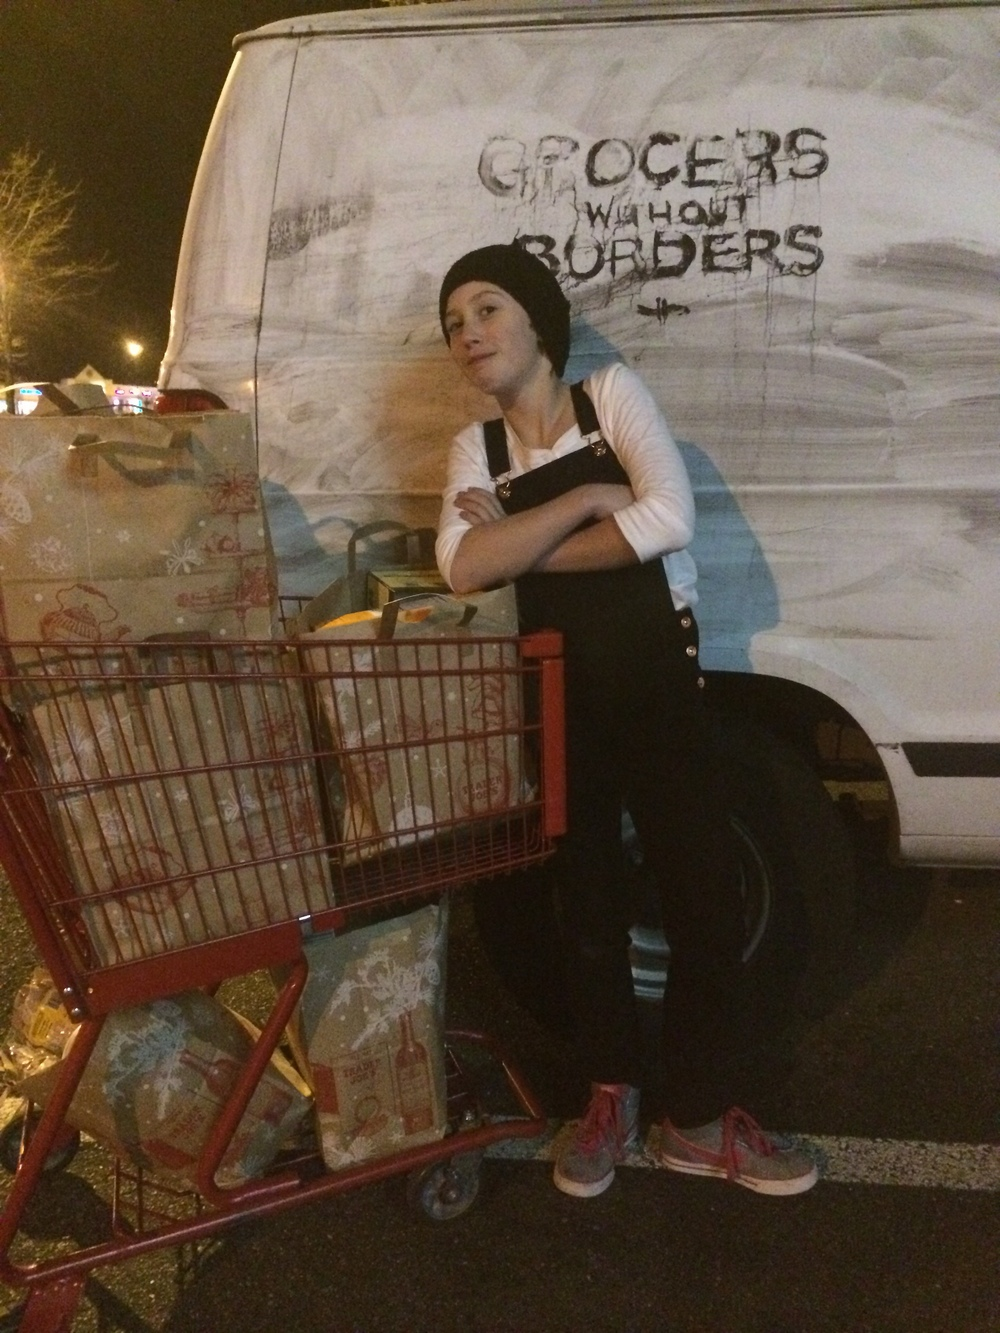 Josie Hallatt hauls $419 of contraband.